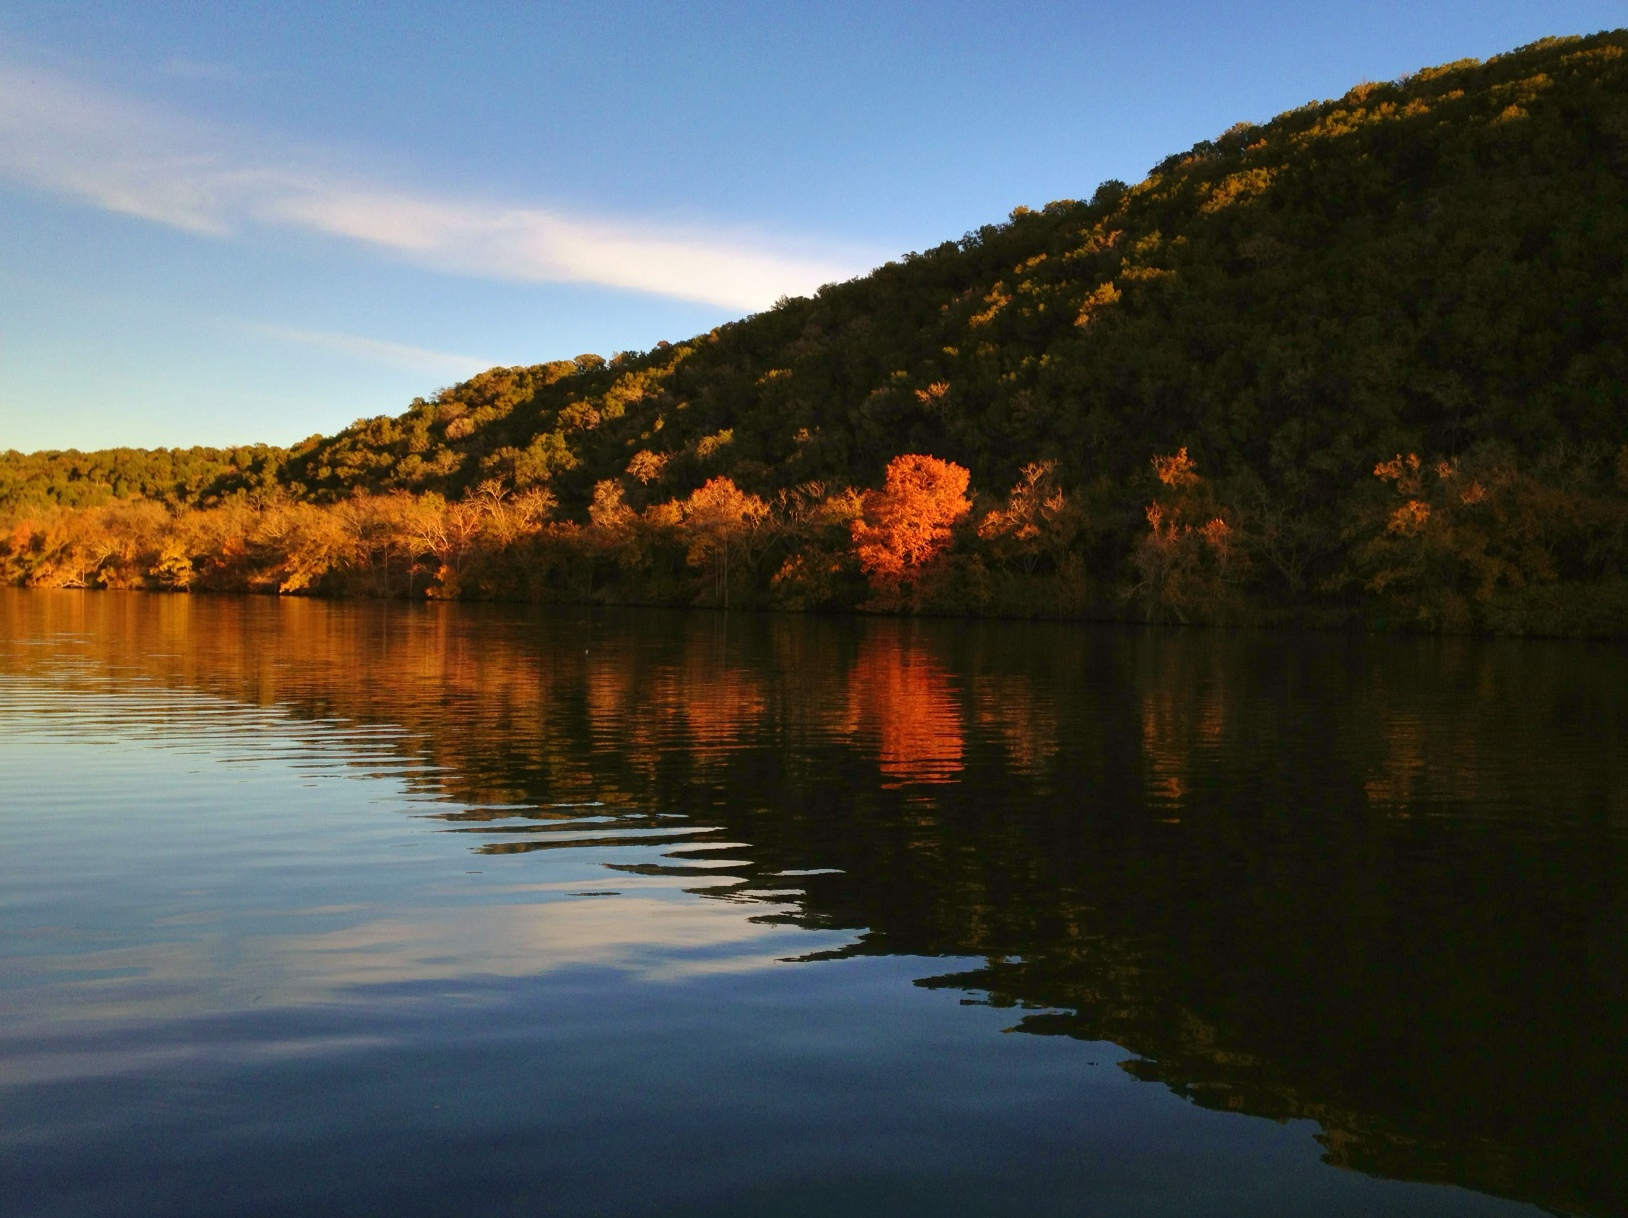 iPhone-lake-austin-sunset3.JPG